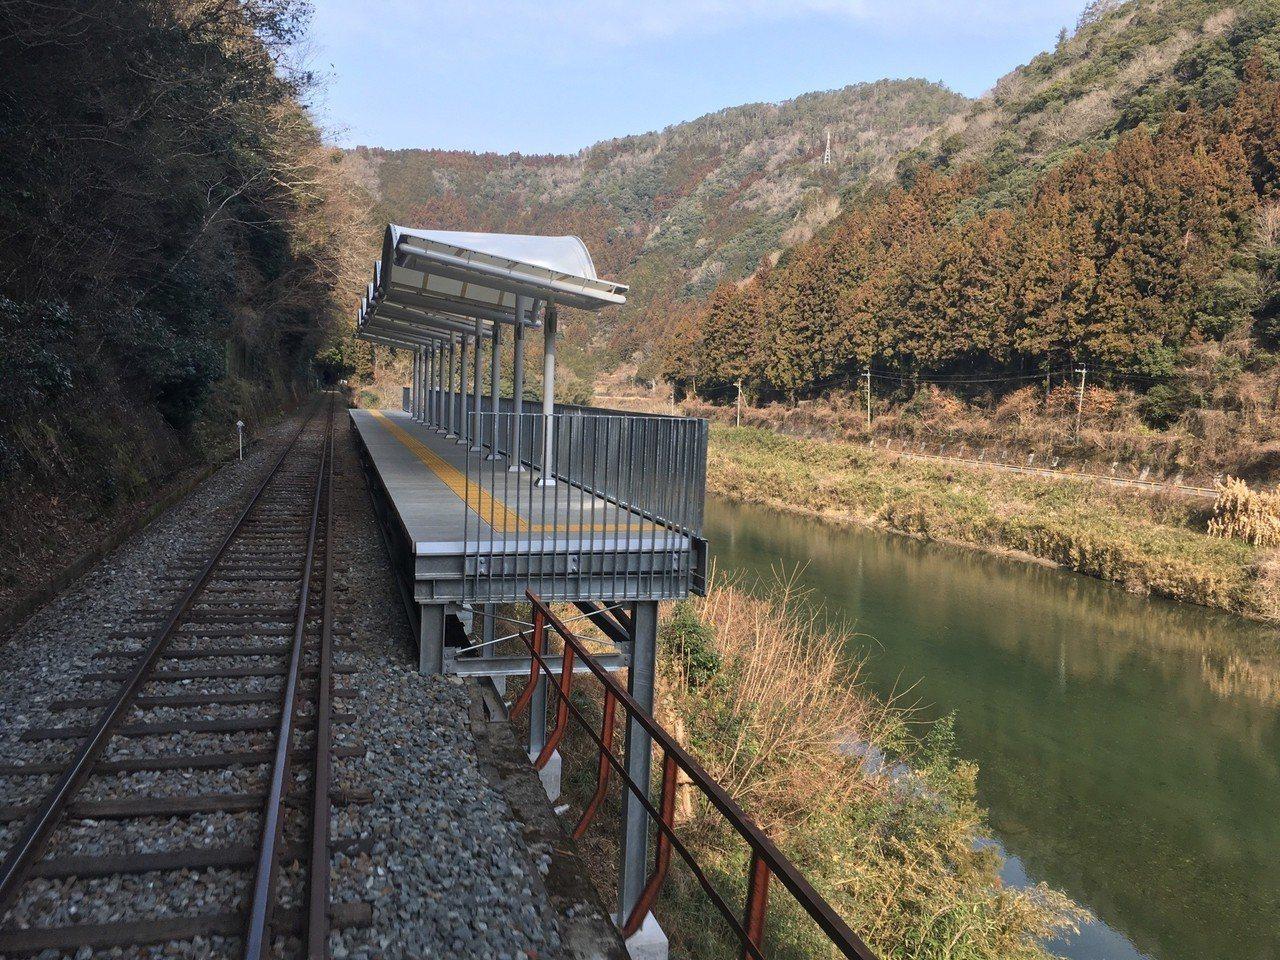 乘客可以在車站內,自由地欣賞當地風景,並拍攝照片。圖片來源/富士新聞網